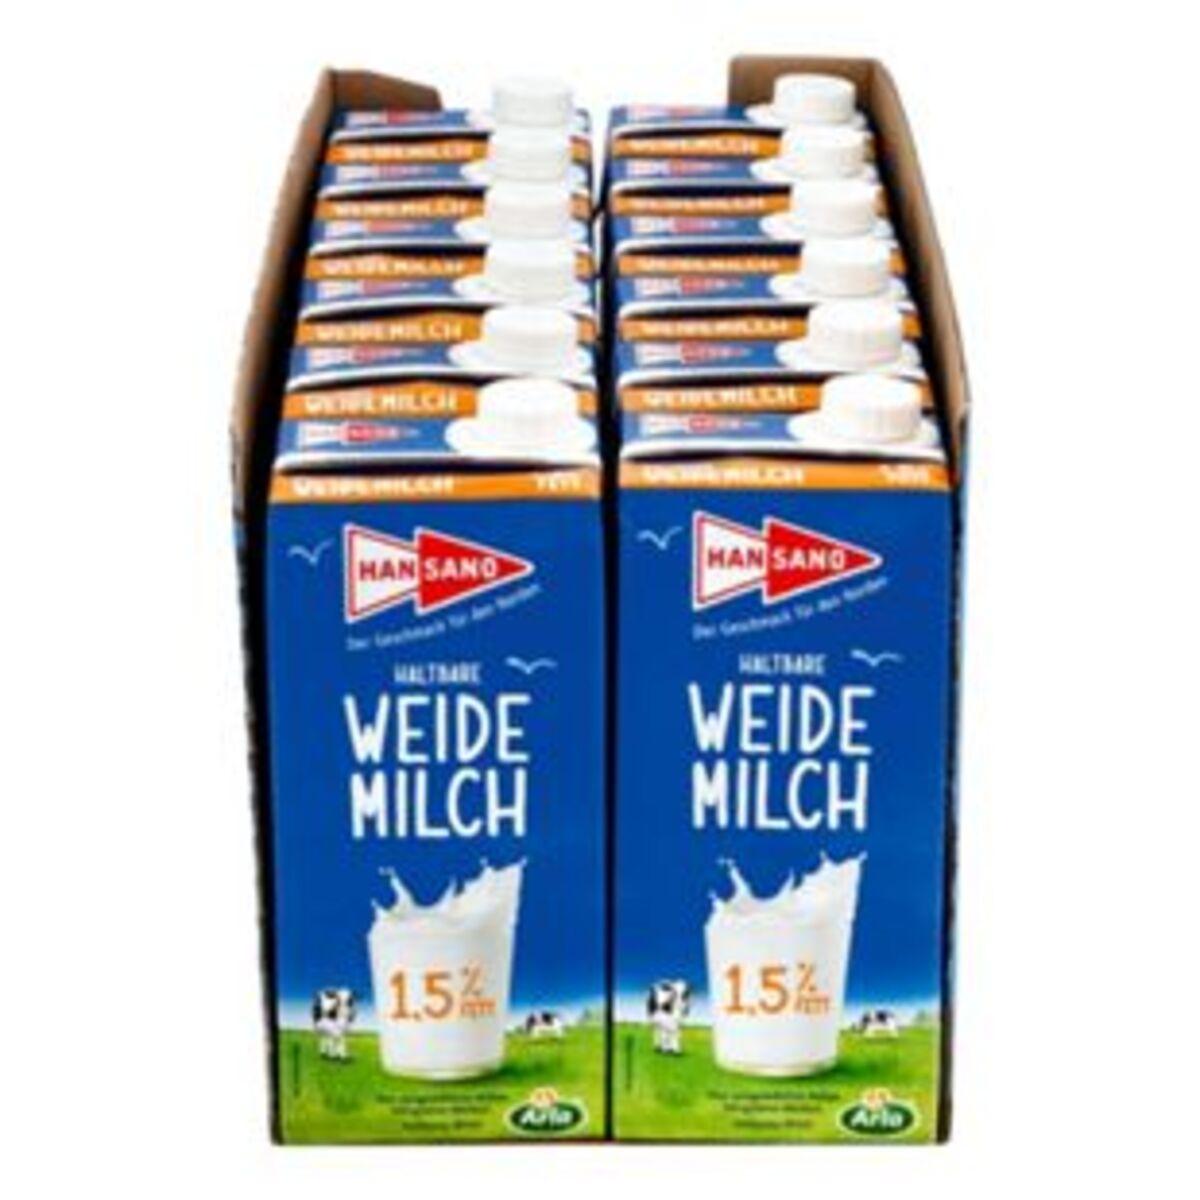 Bild 2 von Hansano haltbare Weidemilch 1,5% 1 Liter, 12er Pack